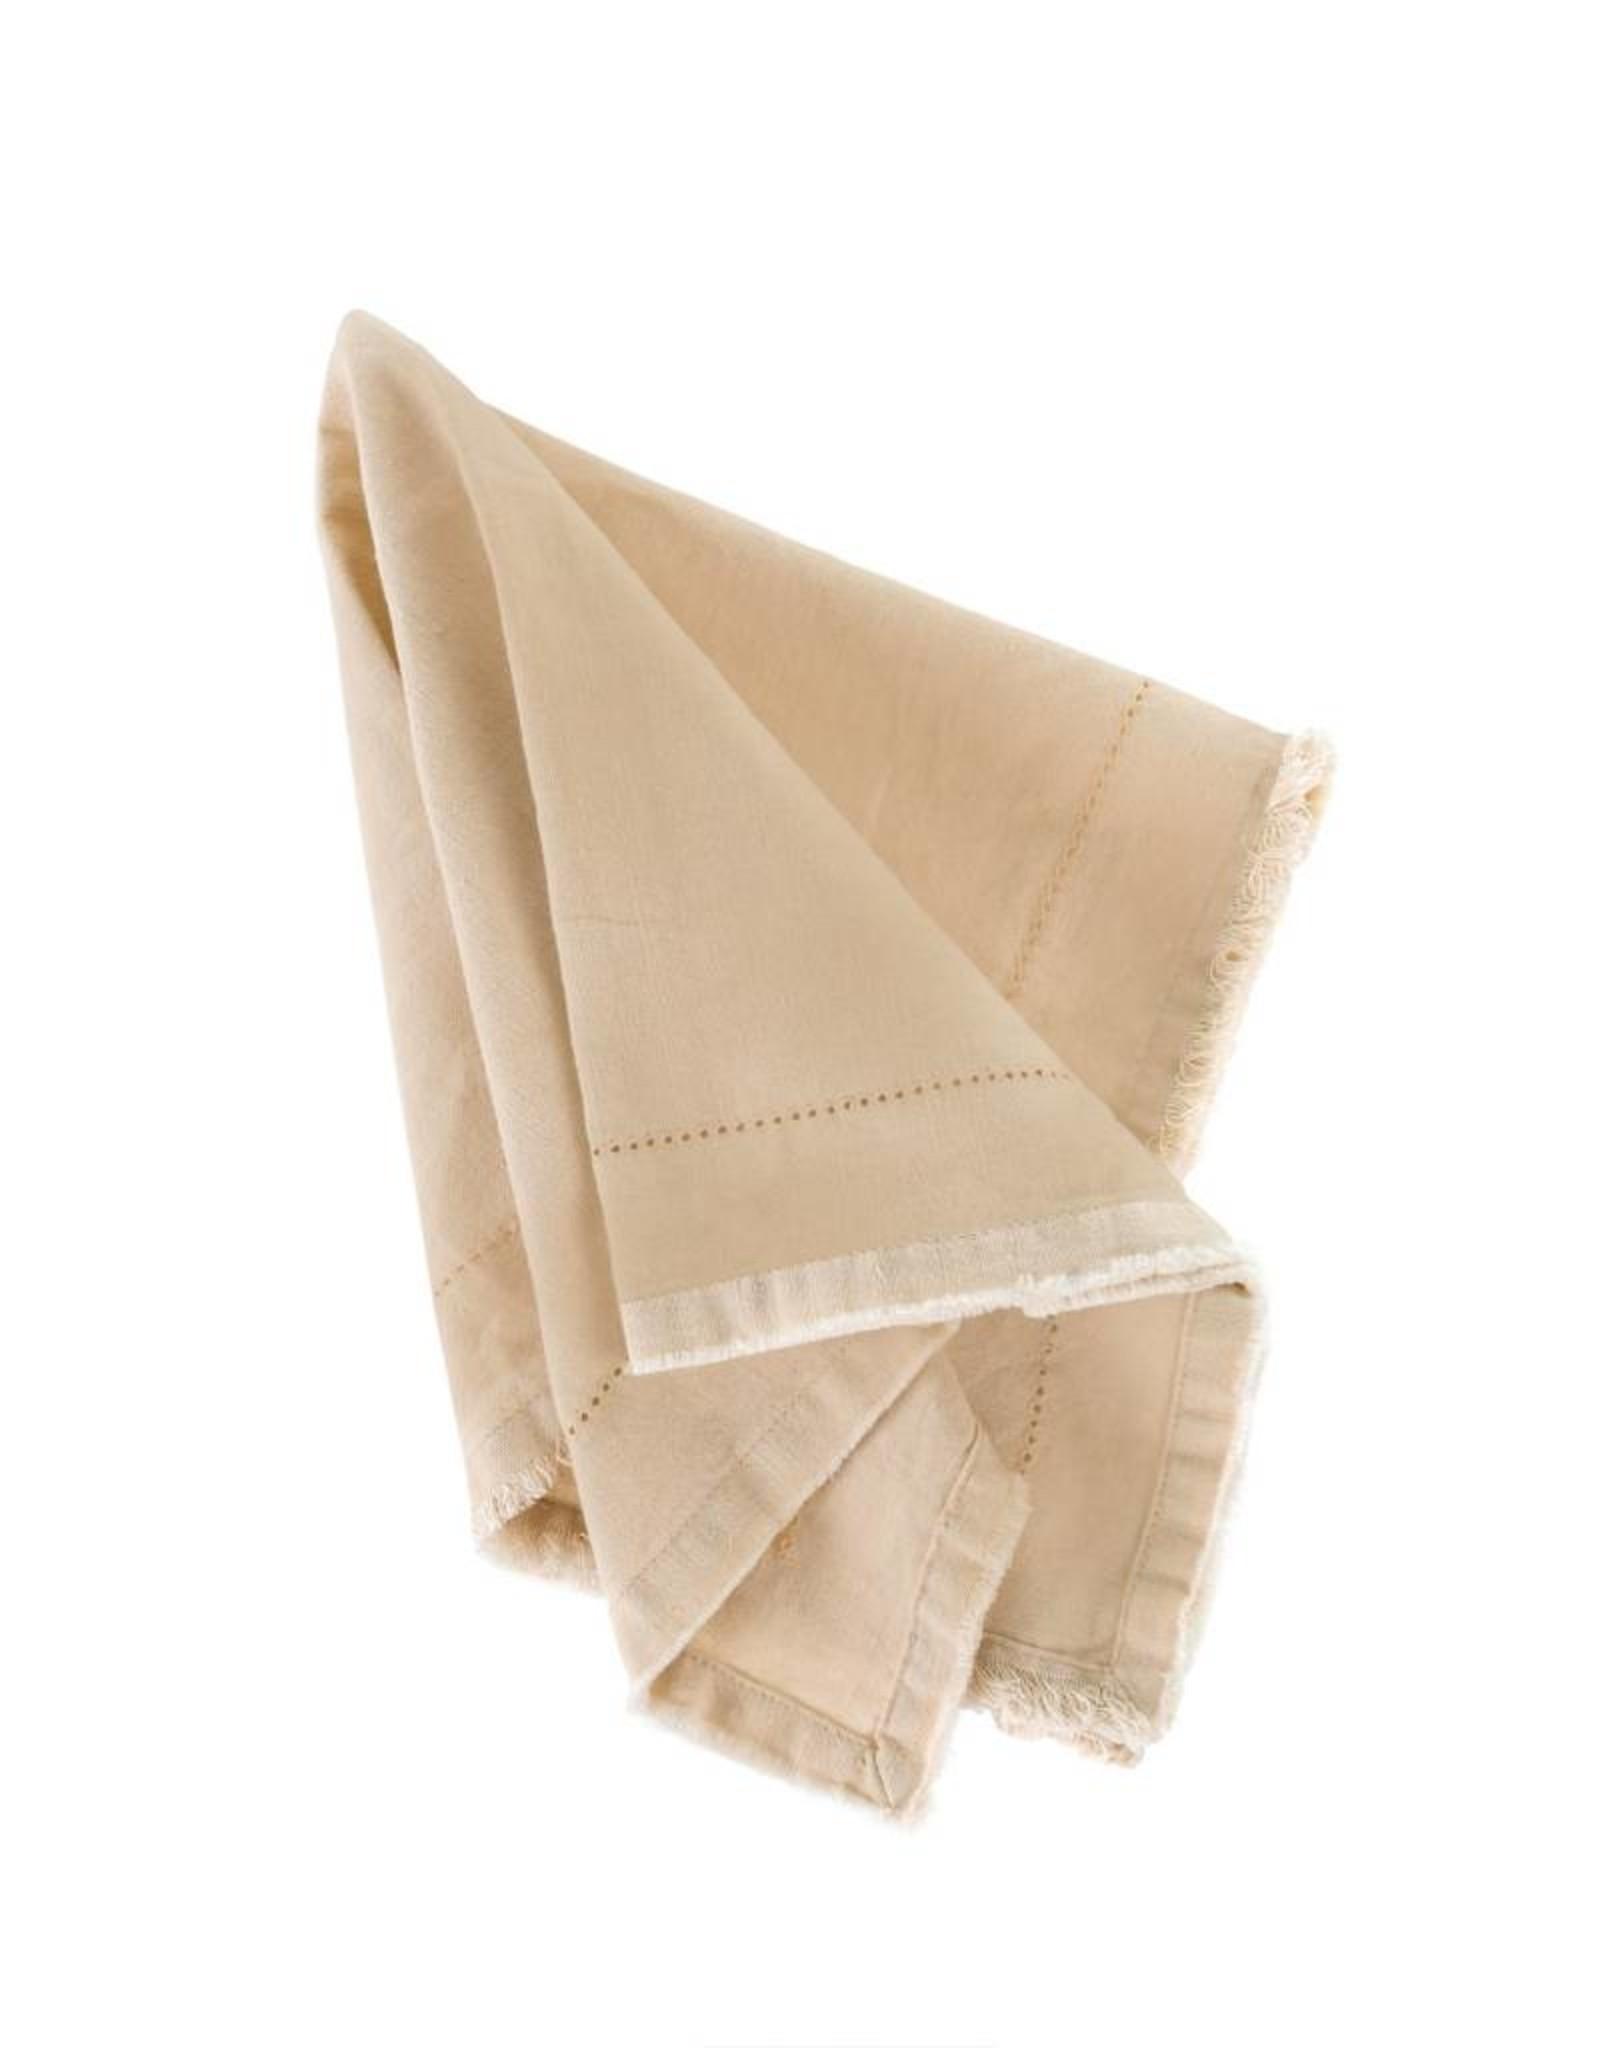 Indaba Frayed Edge Napkin - Cream